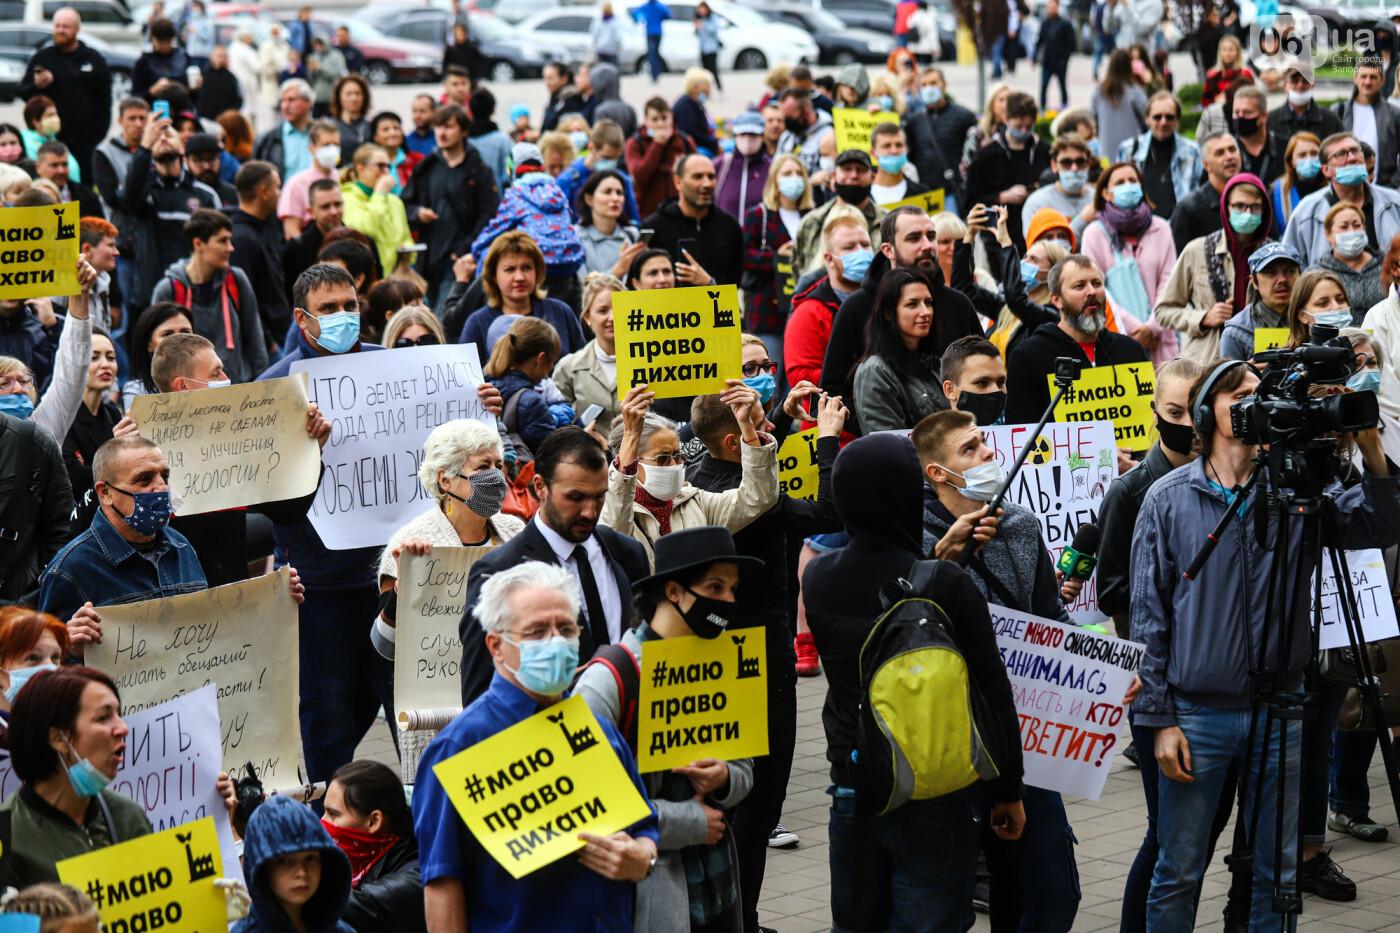 Маю право дихати: тысячи запорожцев вышли на экологический митинг, ФОТО, ВИДЕО, фото-17